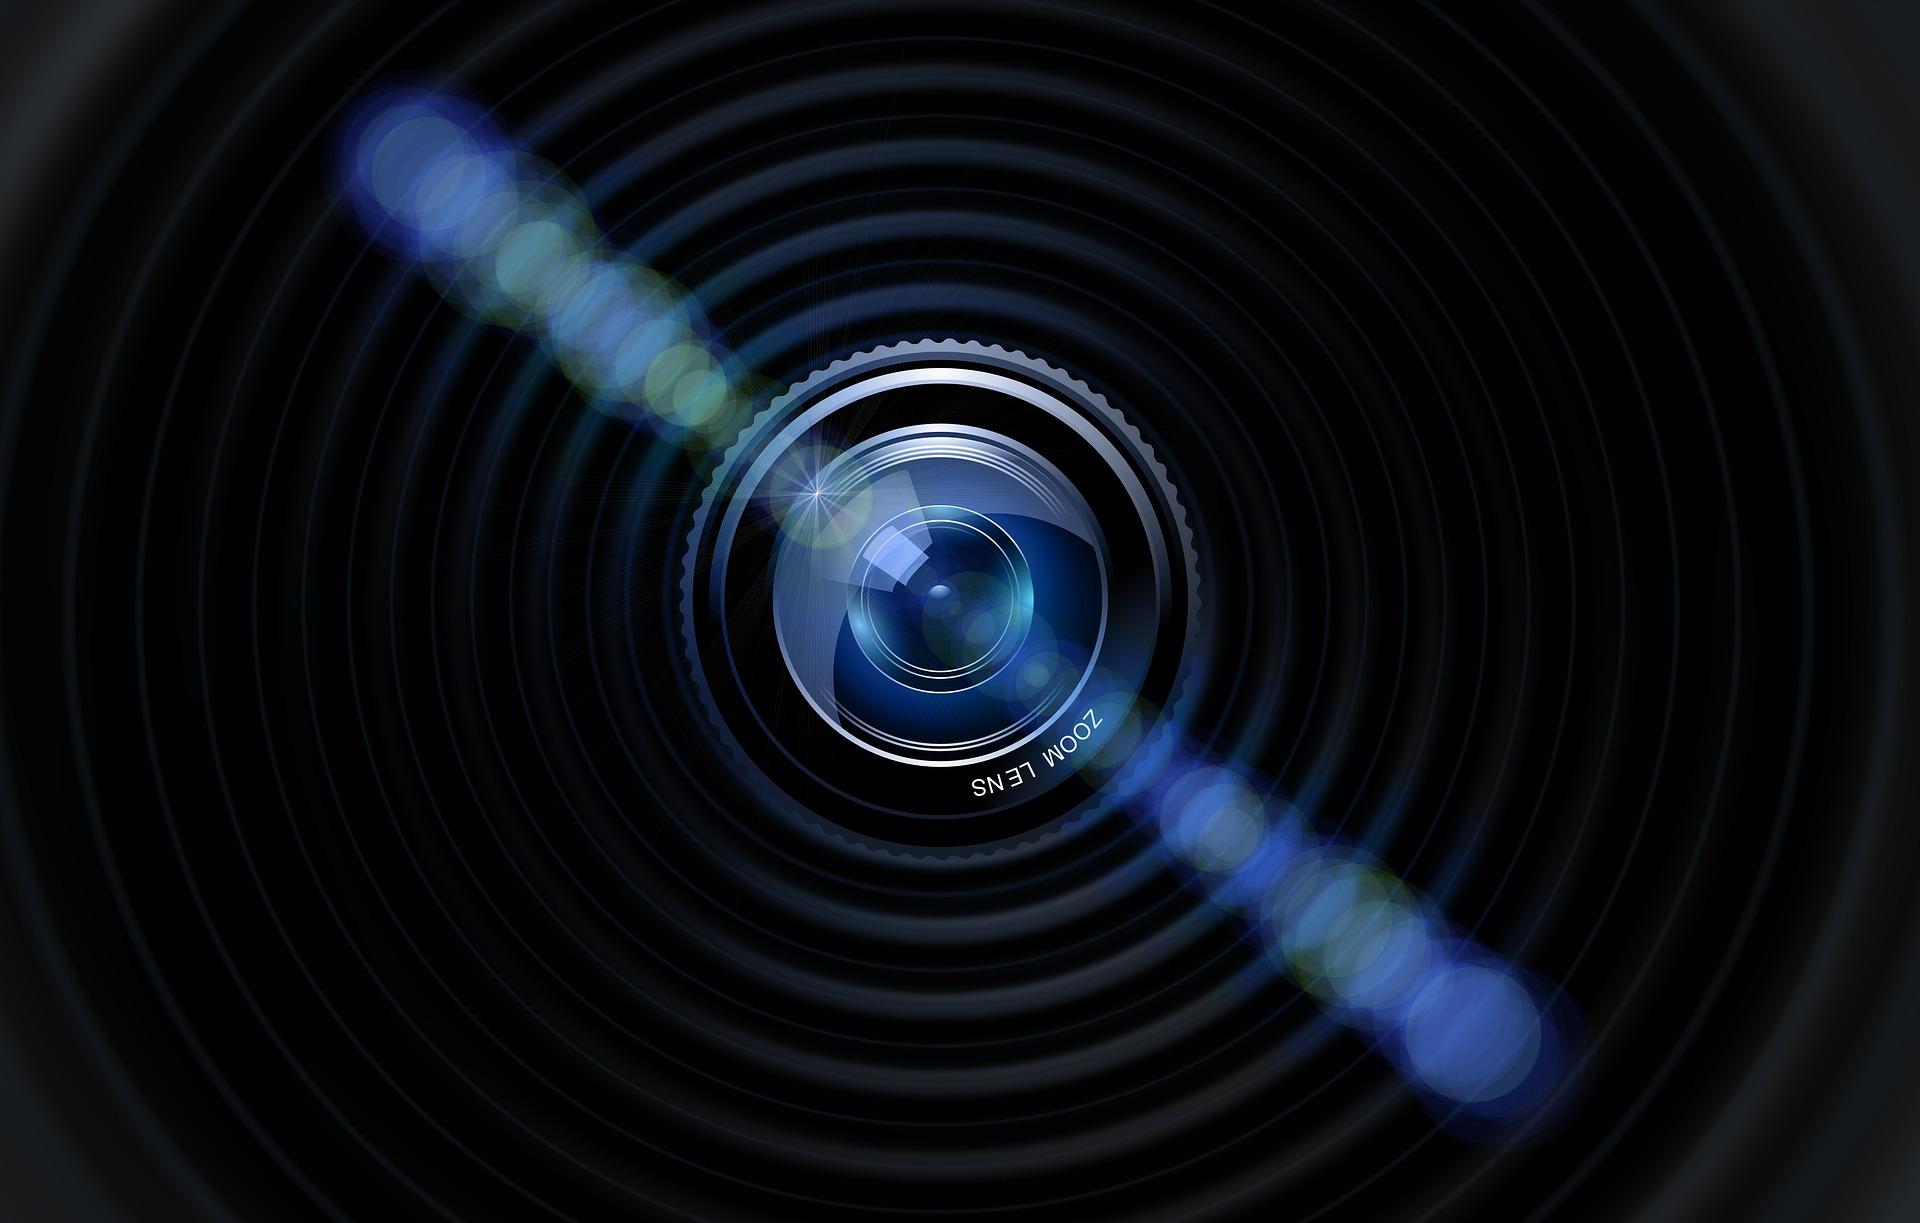 Najlepsze zdjęcie roku World Press Photo – zdjęcie zamachowca